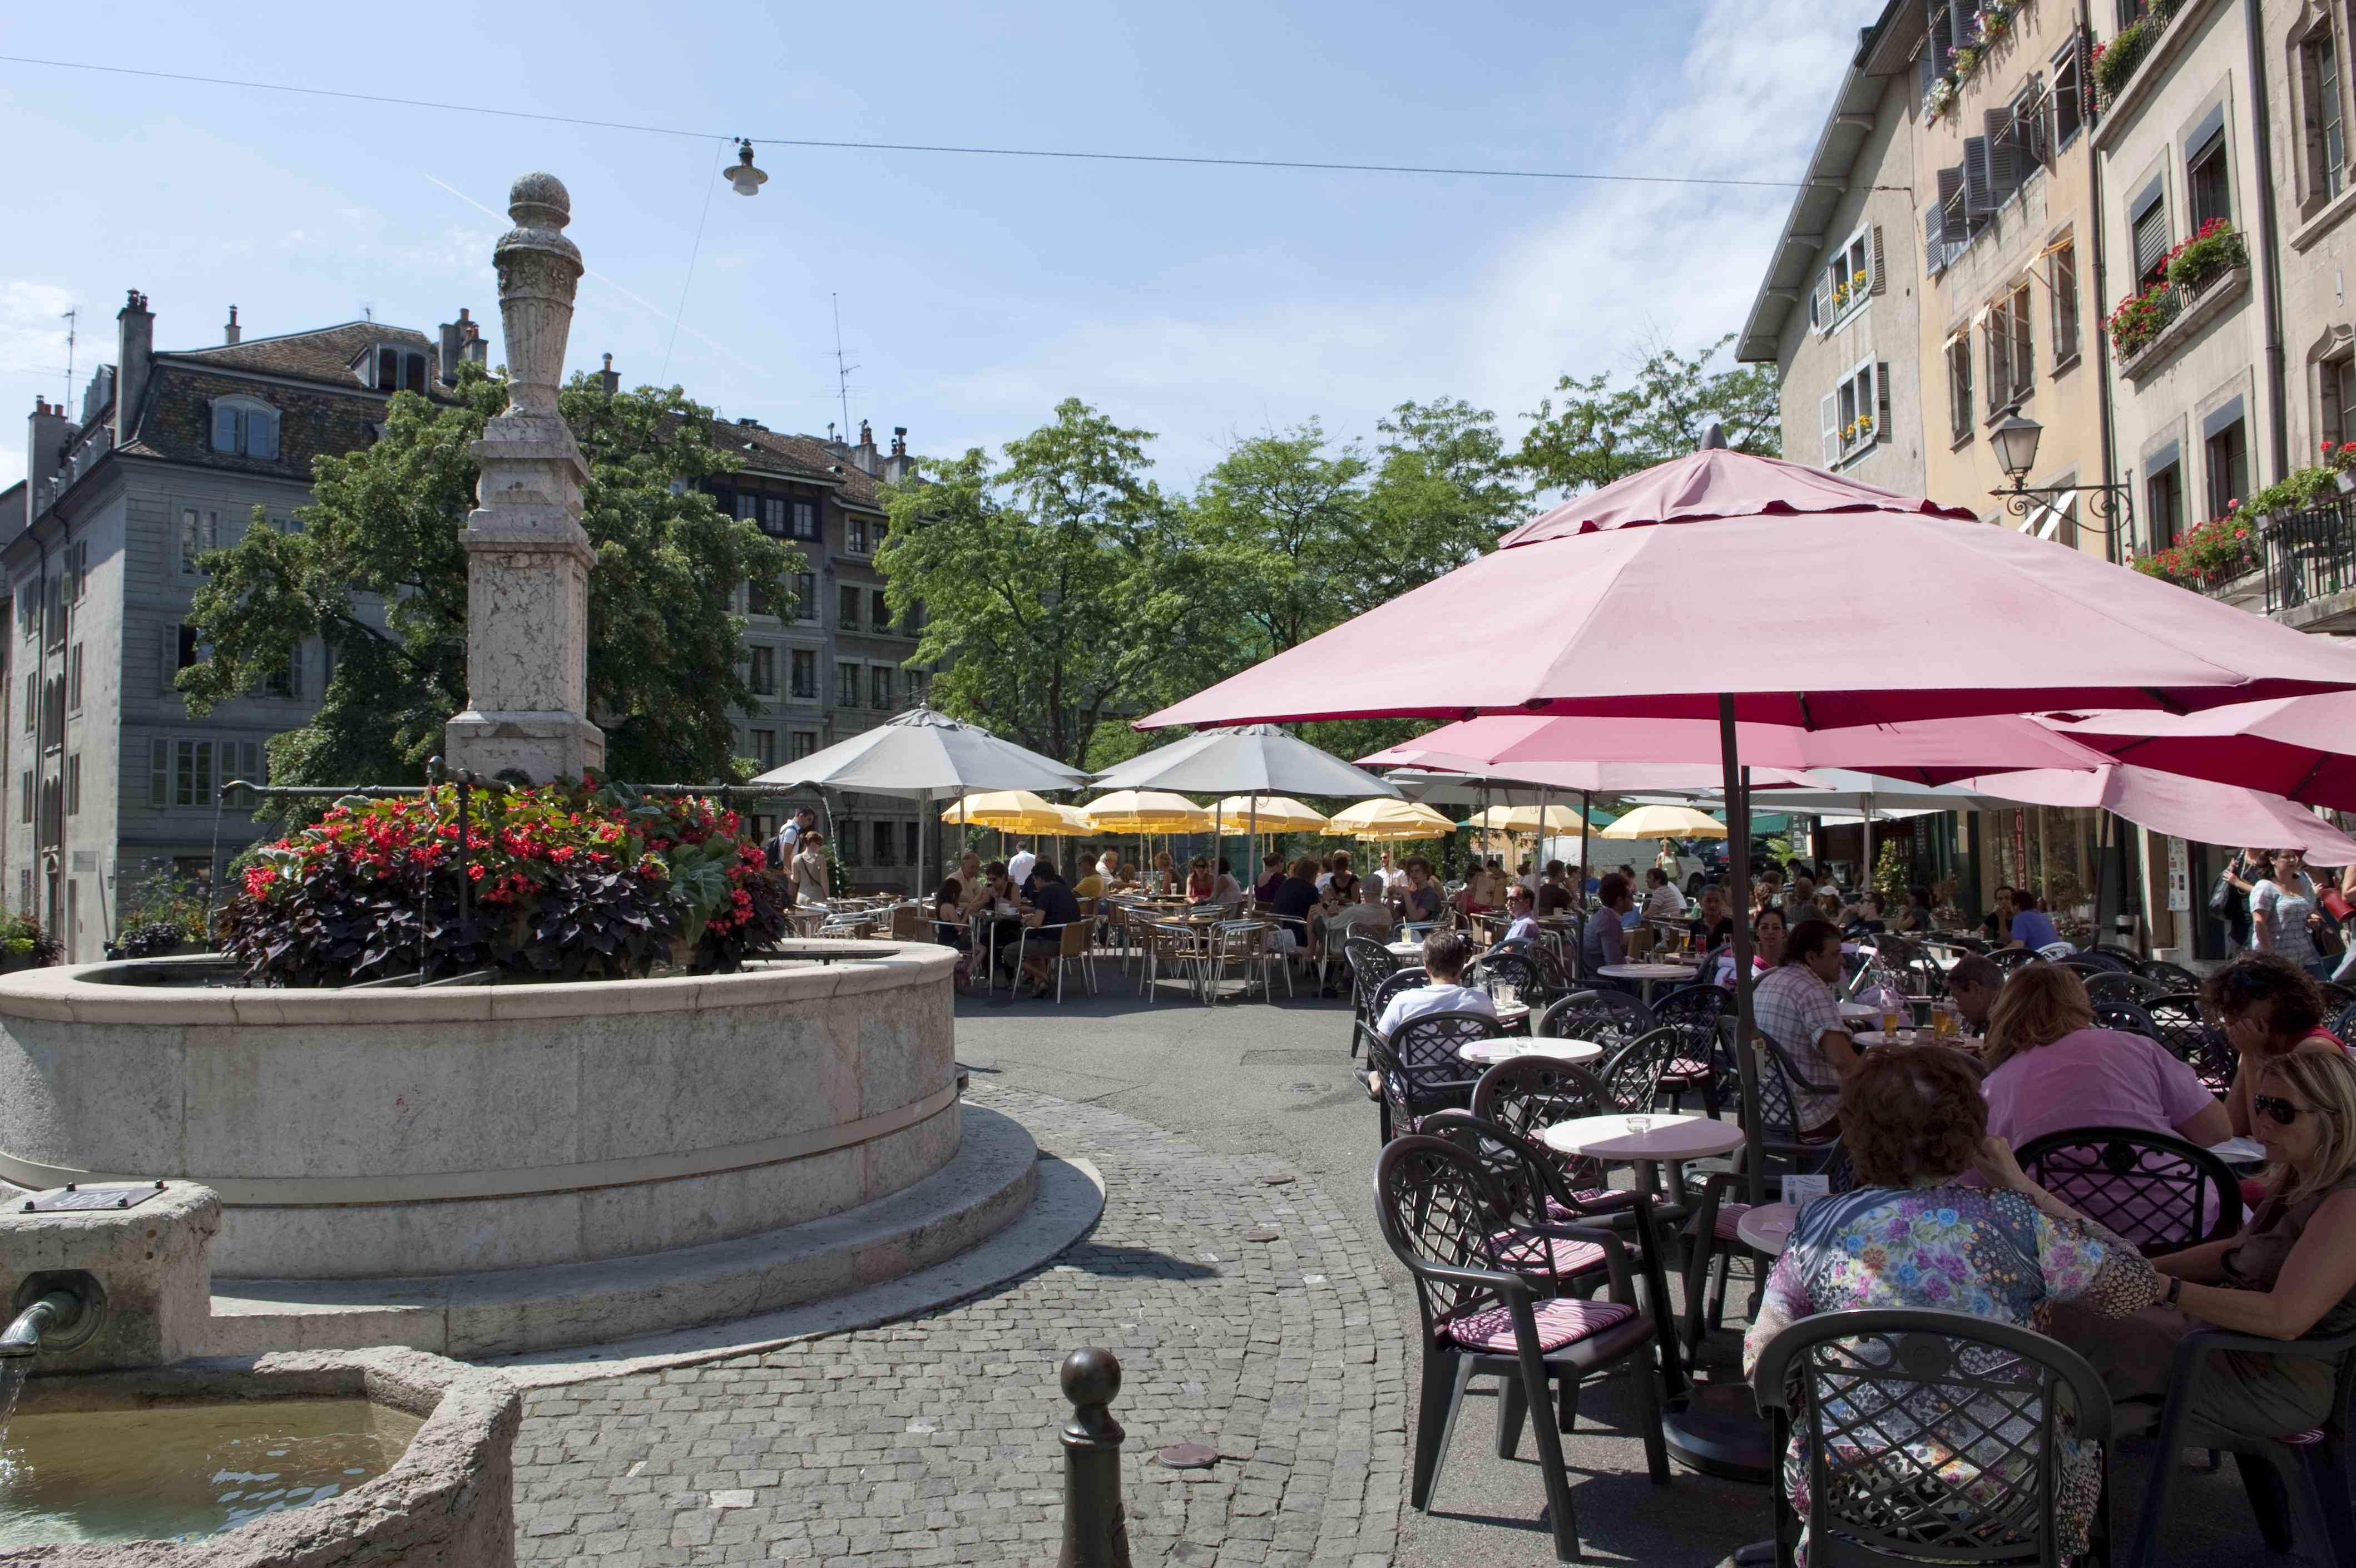 Outdoor cafes with umbrellas, Place Bourg de Four, Geneva